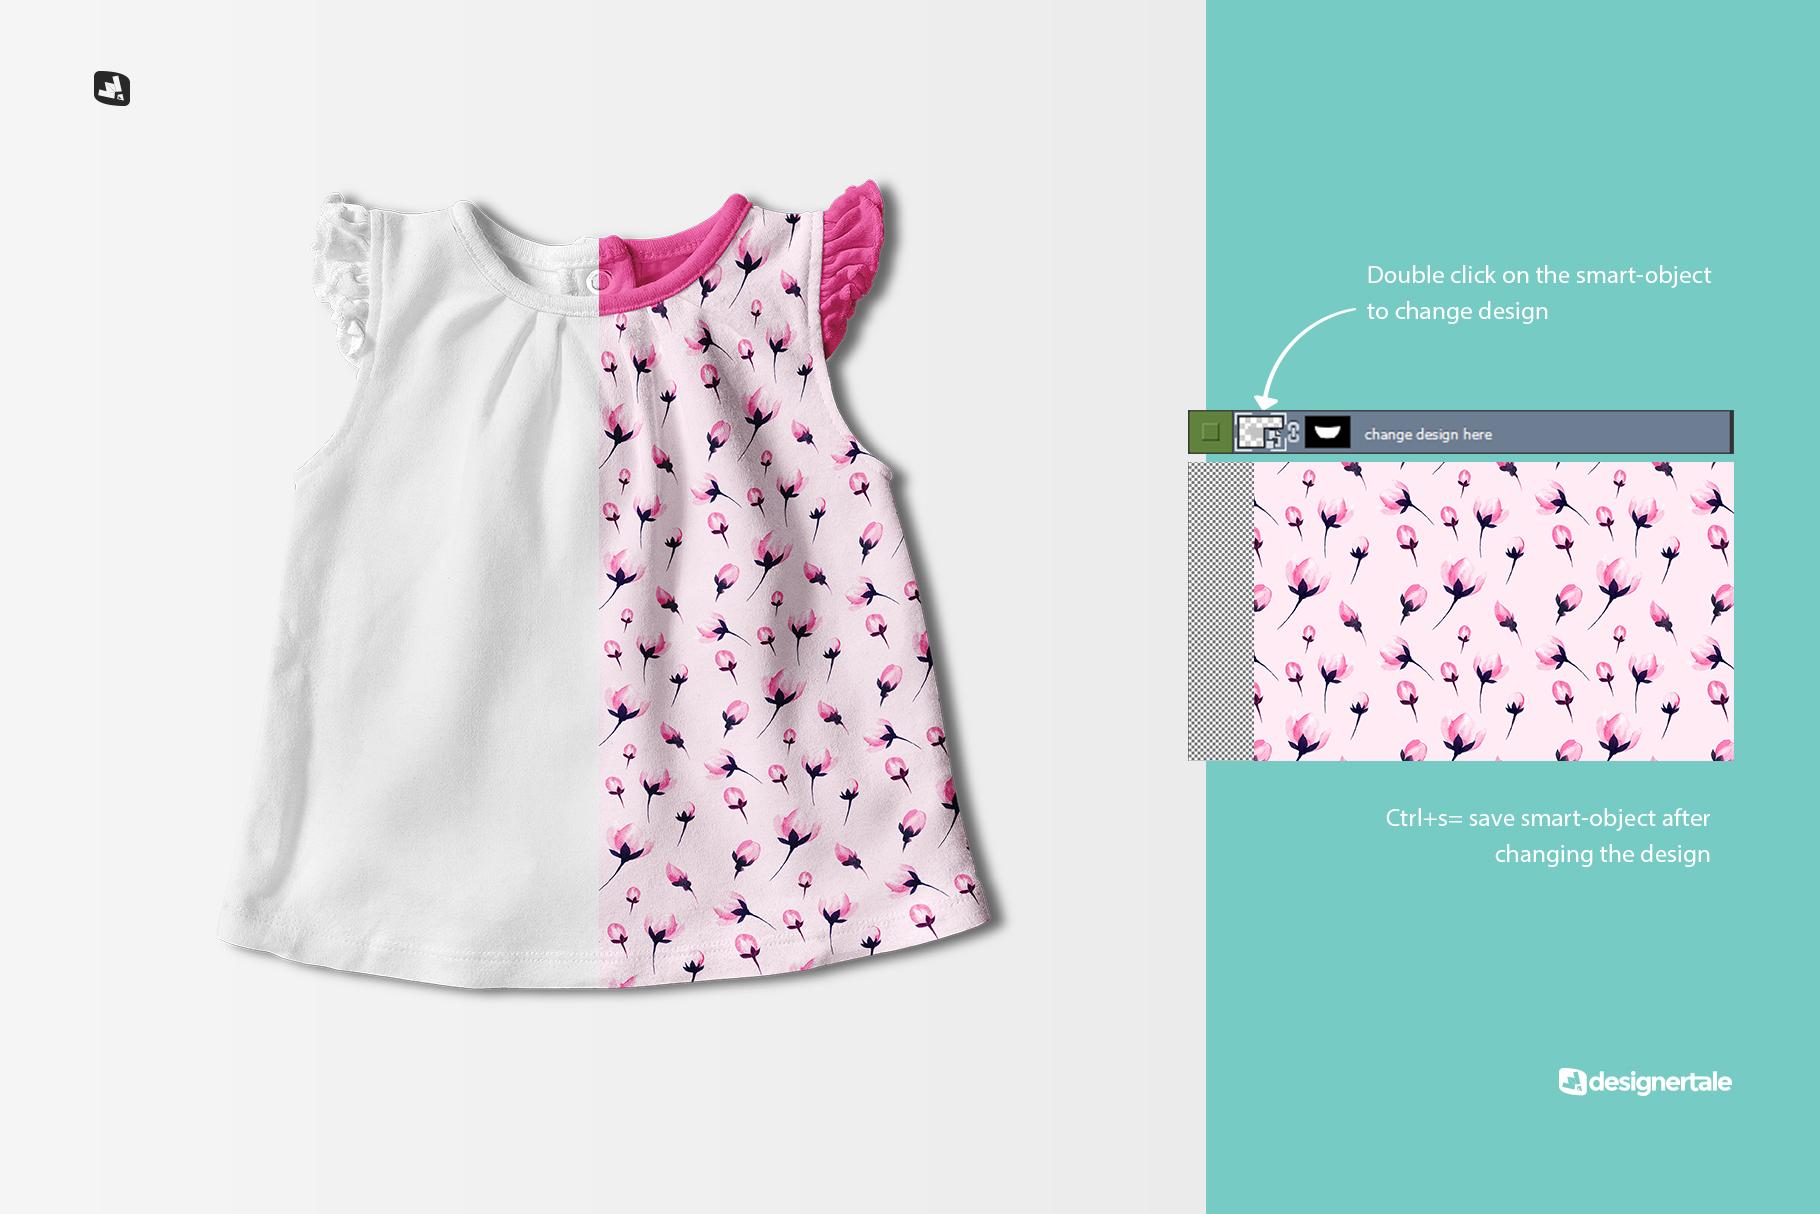 change design of the ruffle sleeve baby girl top mockup